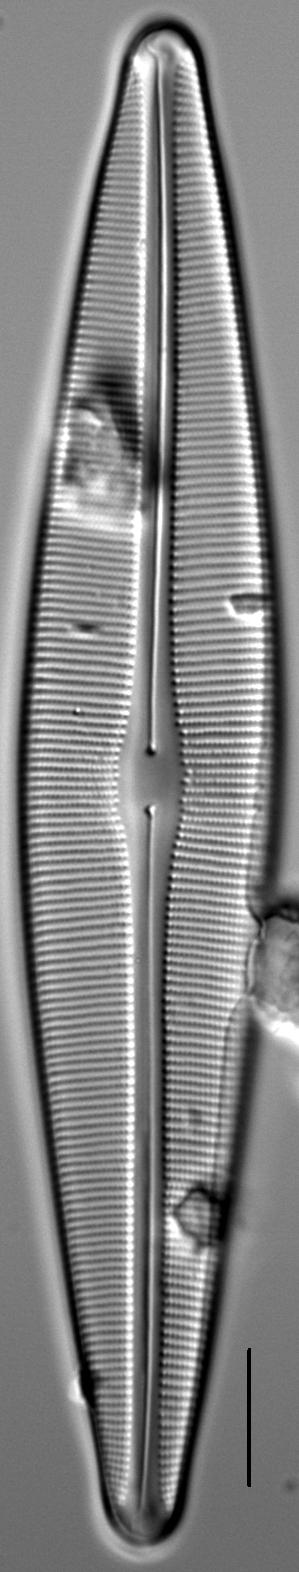 Craticula sardiniana LM1